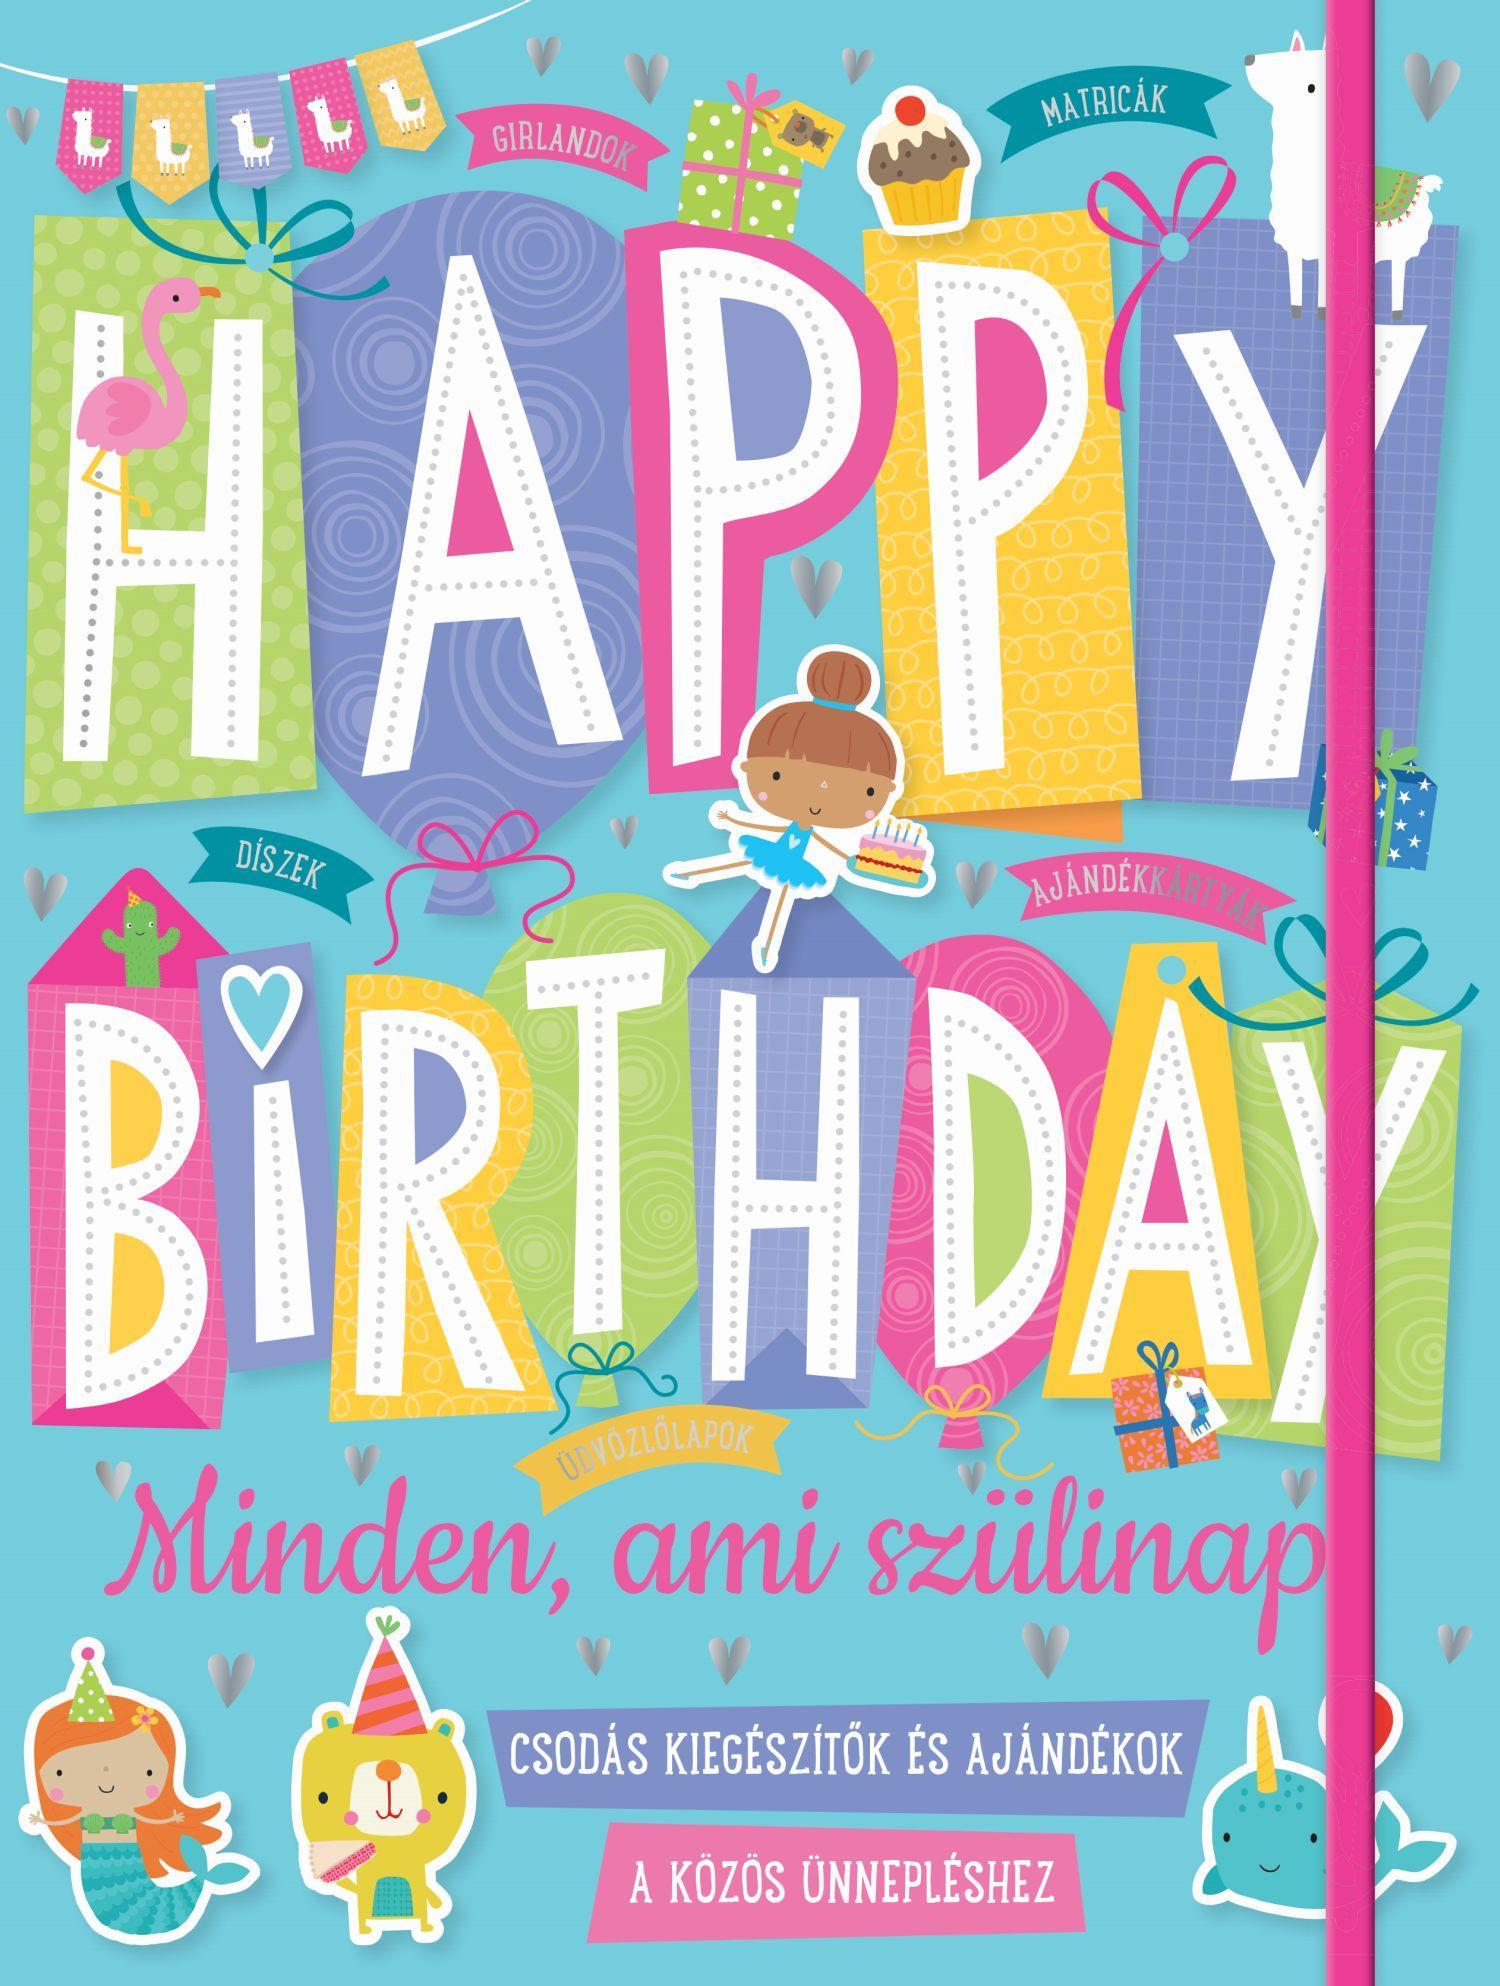 - - Happy Birthday - Minden, ami szülinap